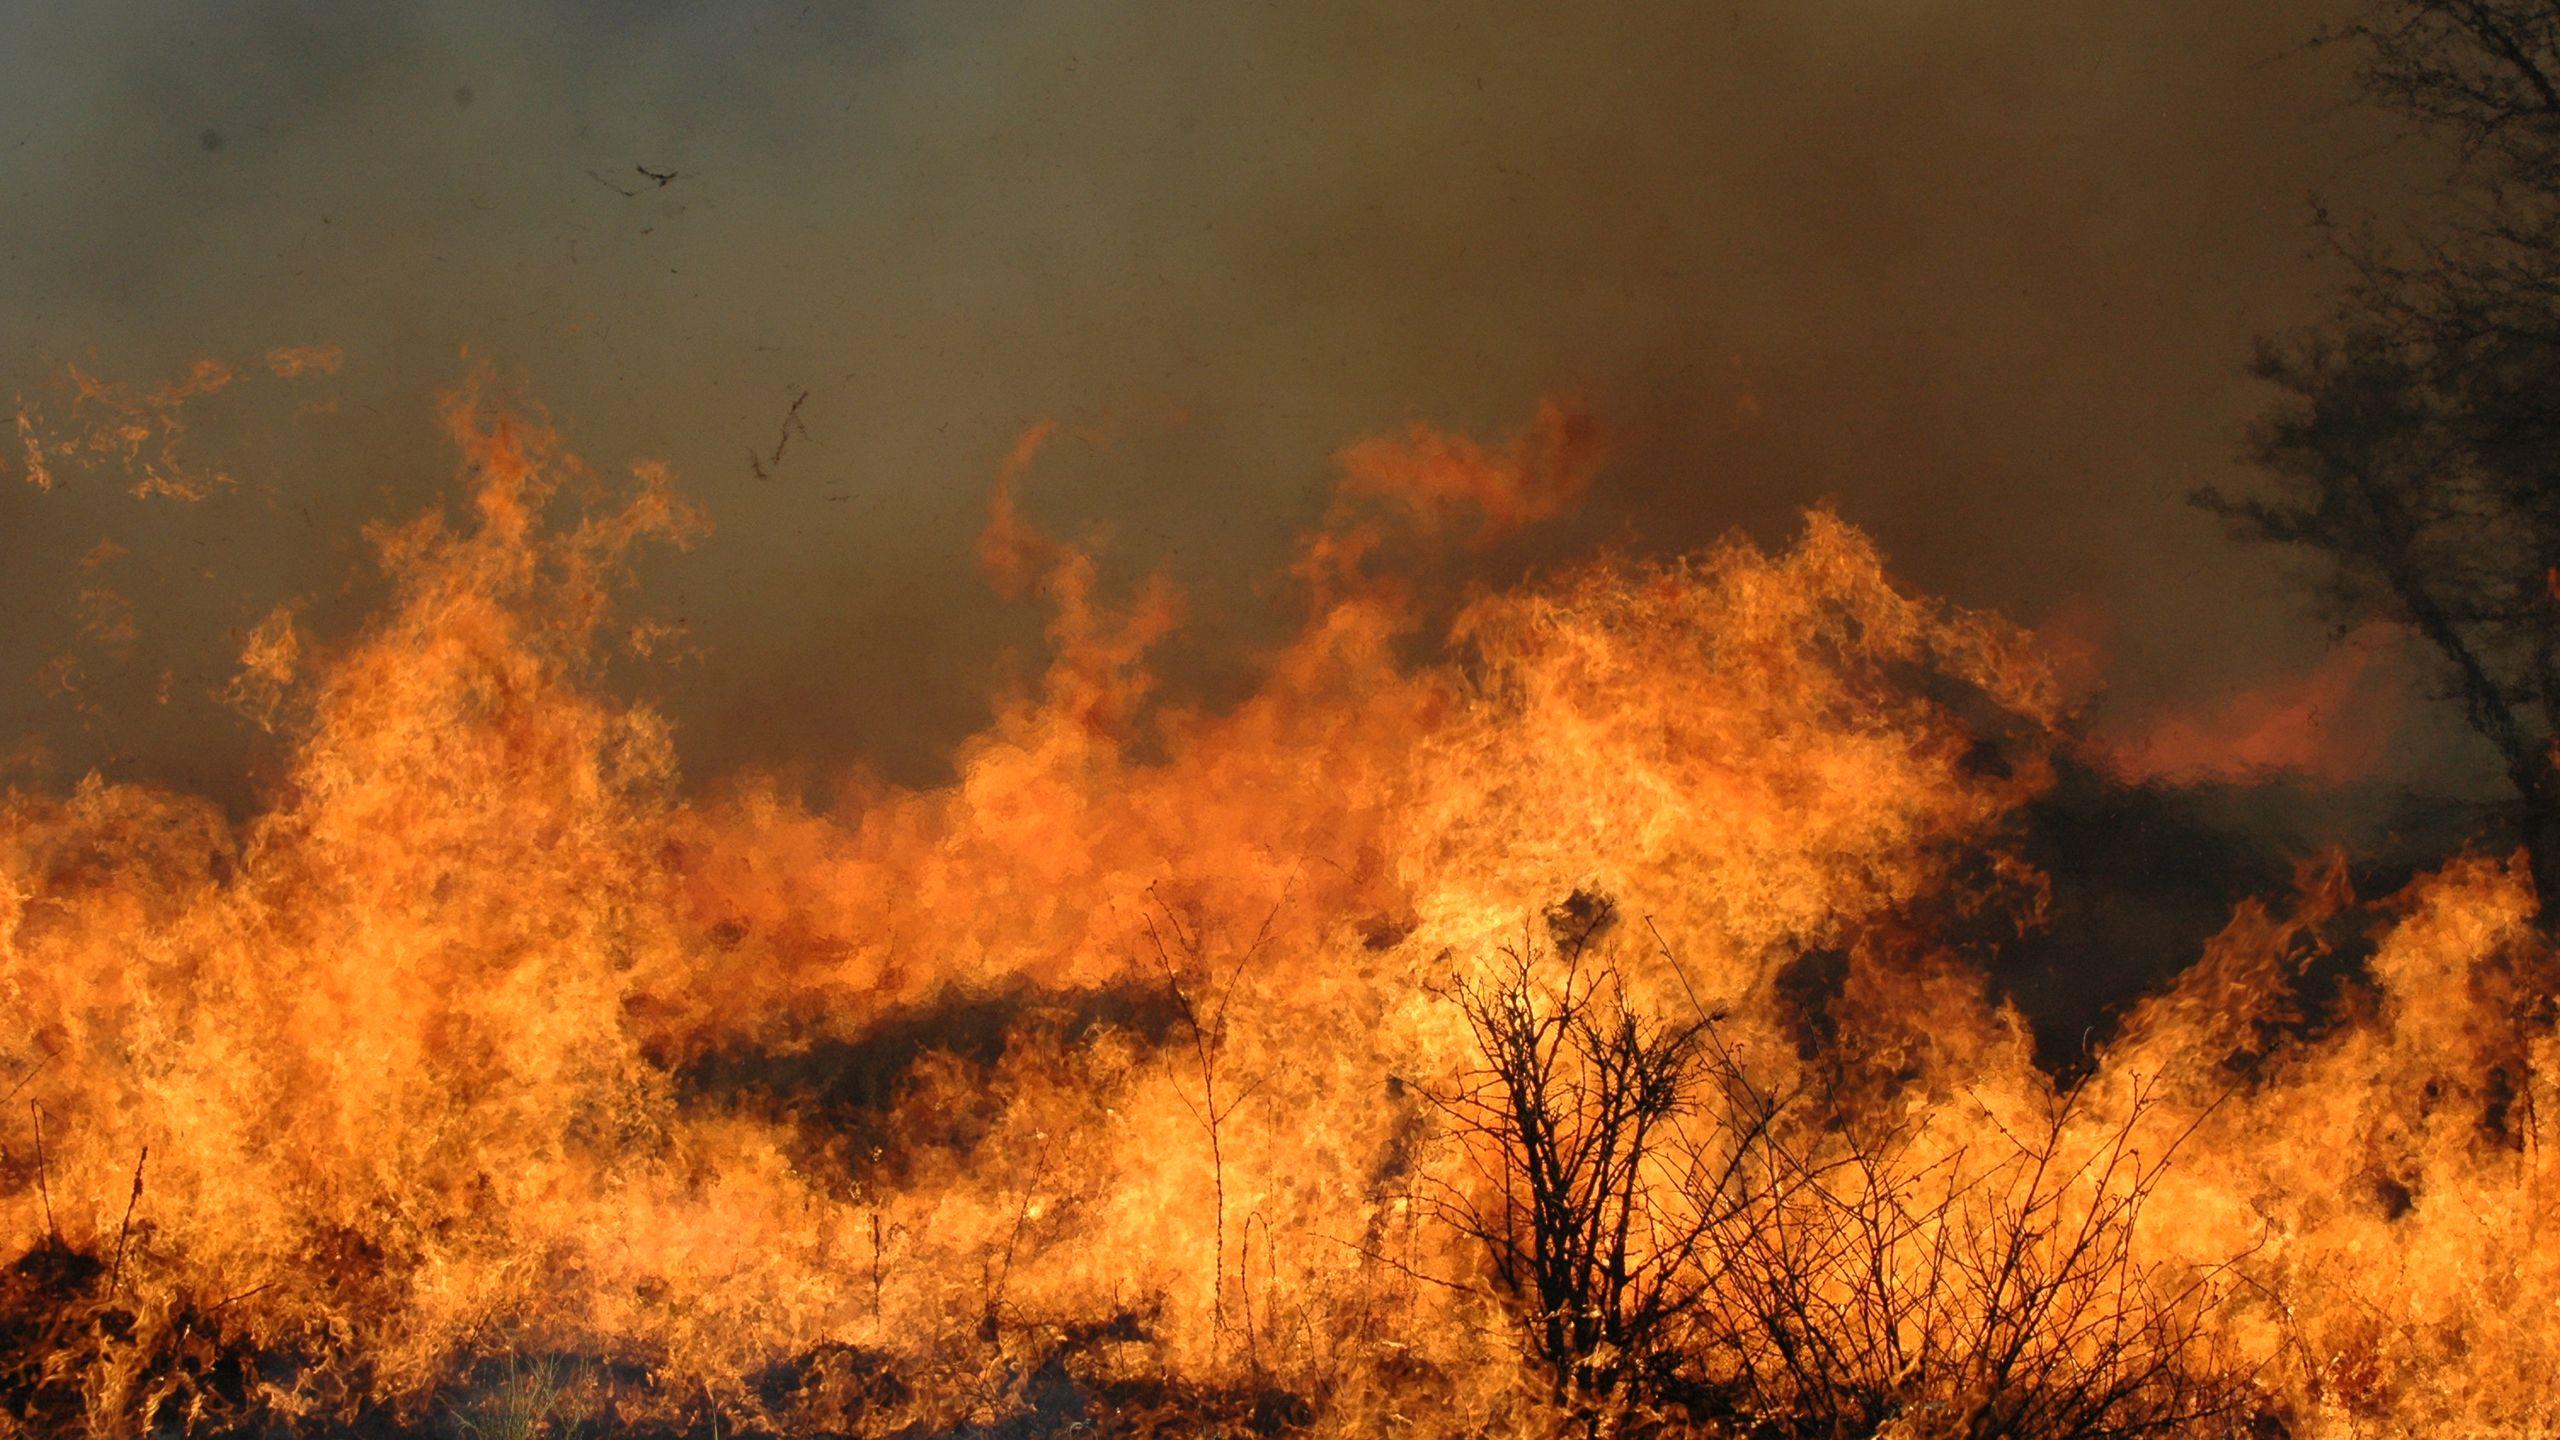 Fire in an African savannah, Kruger National Park. Credit: Corli Coetsee